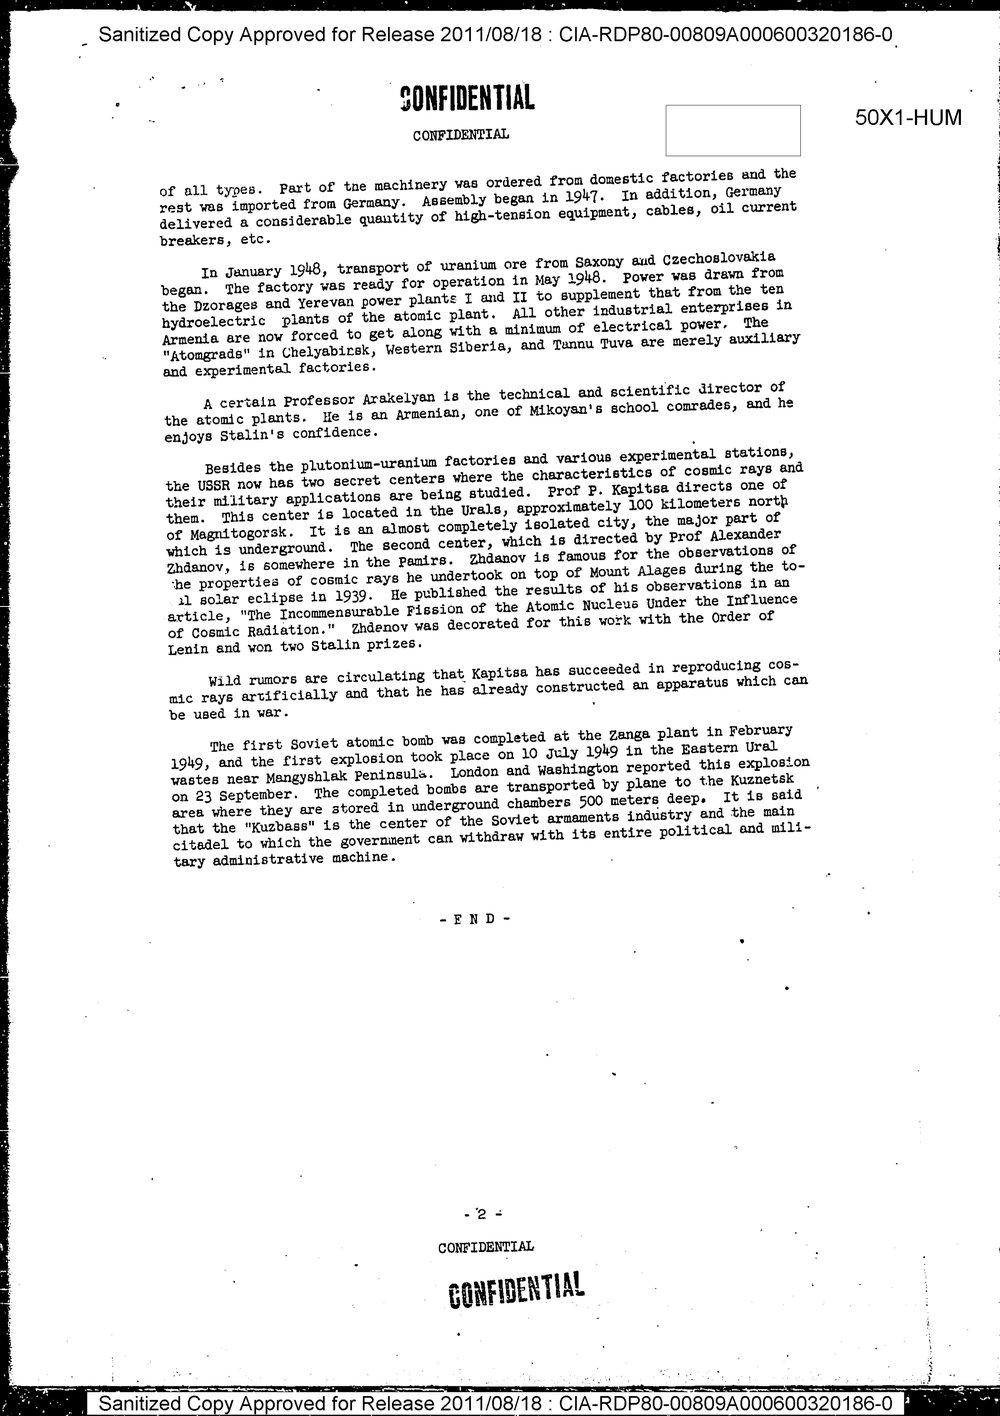 CIA-RDP80-00809A000600320186-0-2.jpg